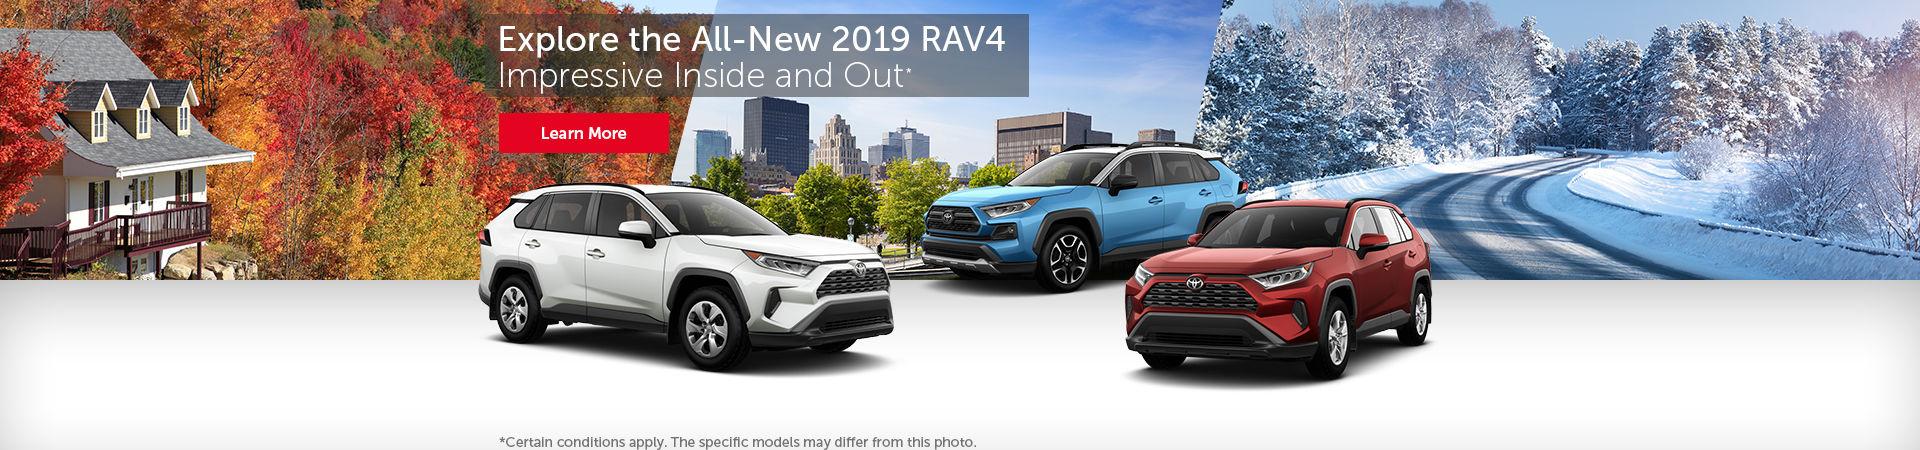 2019 RAV 4